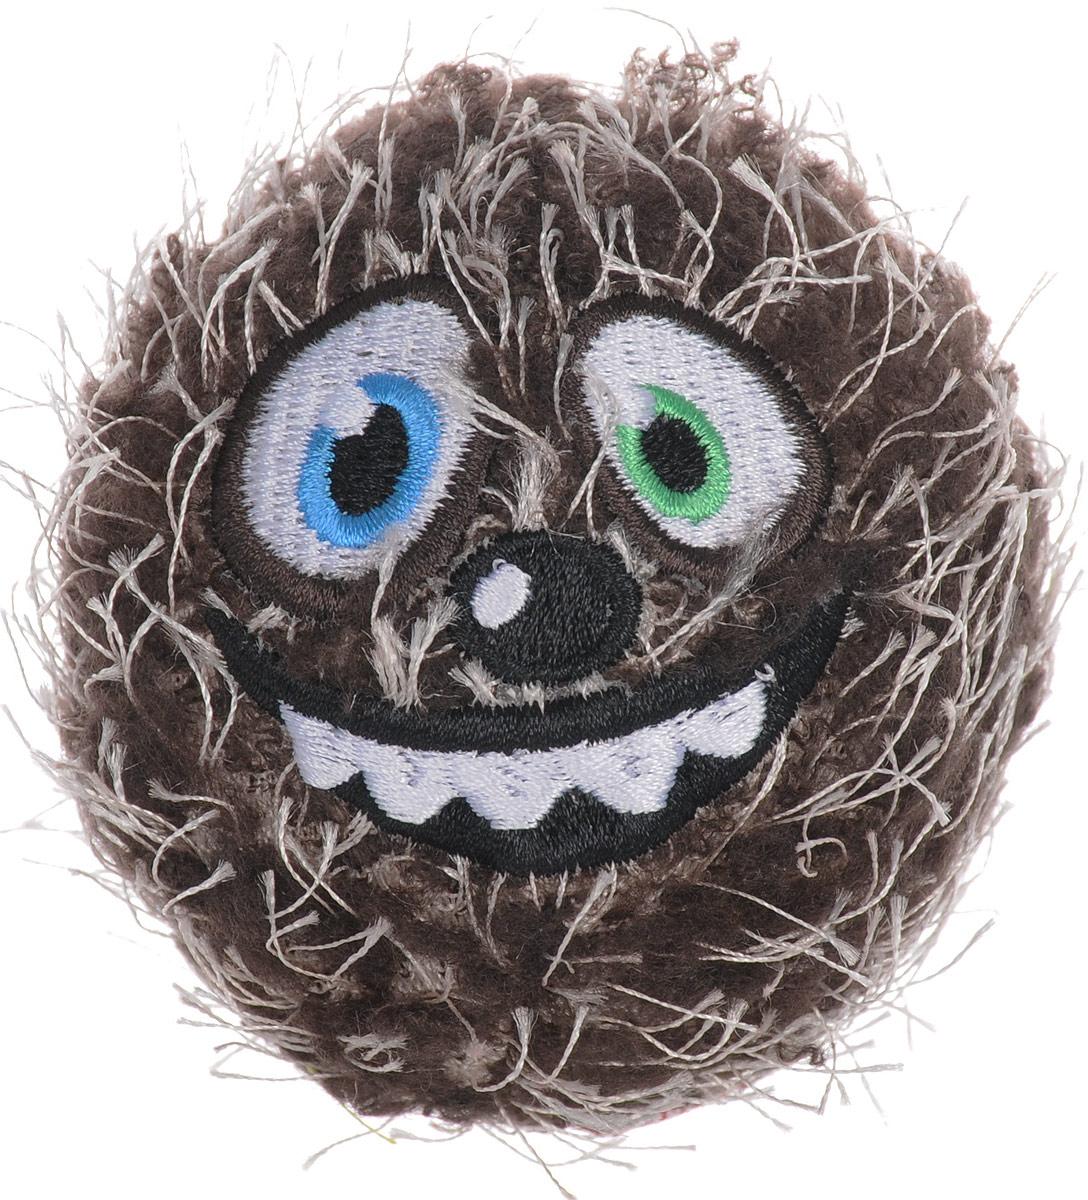 Игрушка для собак GiGwi Мяч, с пищалкой, диаметр 7 см. 7534375343Игрушка для собак GiGwi Мяч выполнена из сочетания резинового сердечника, пищалки и плюшево-войлочных покрытий. Игрушка подходит для активной игры. Прочный, неабразивный, нетоксичный материал не ранит зубы. Игрушка оснащена пищалкой.